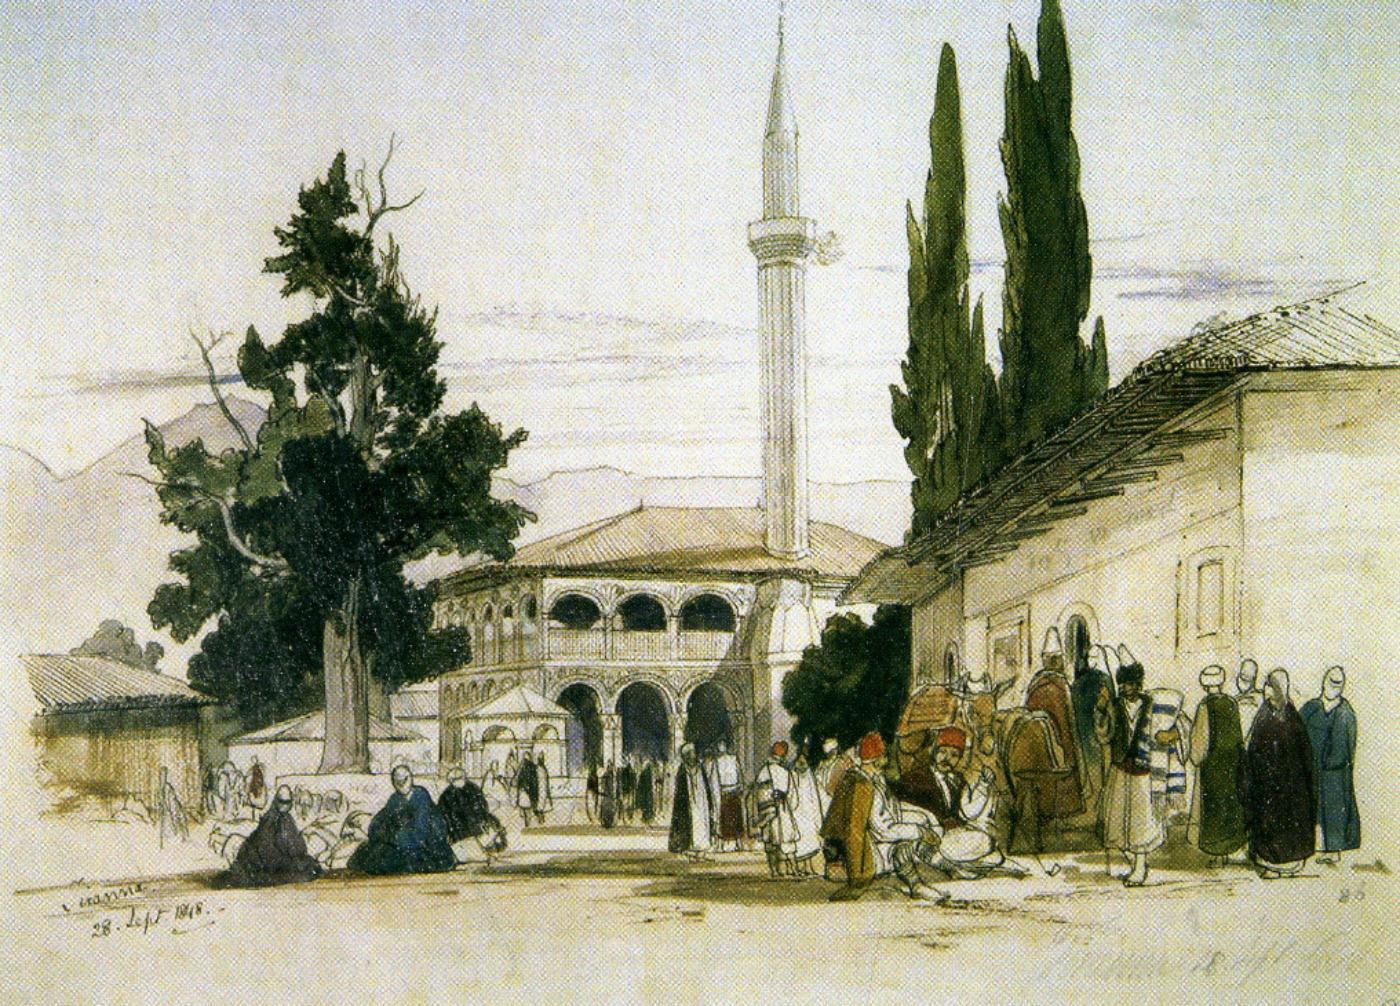 Tirana Edward Lear